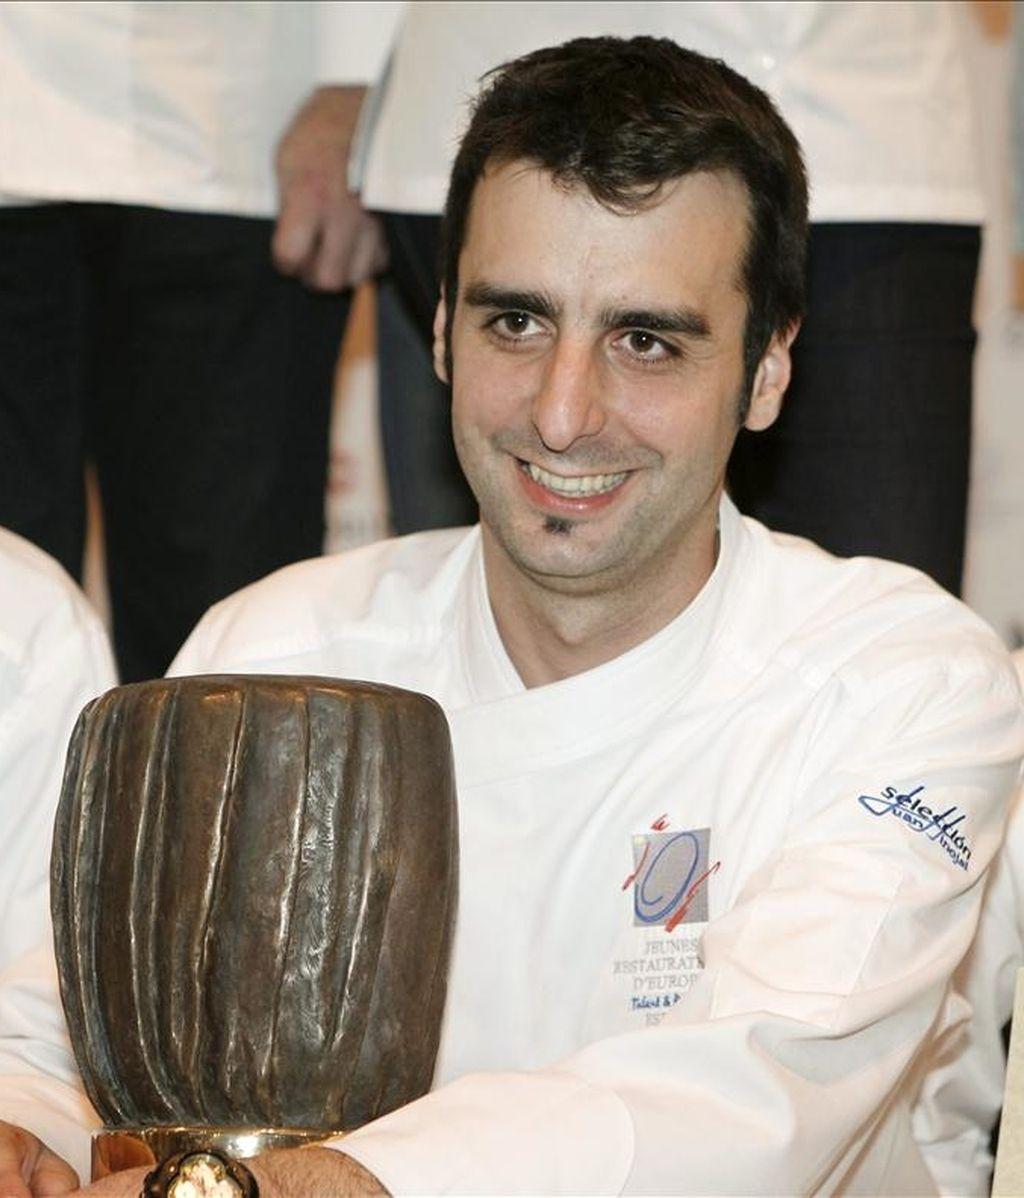 El valenciano Evarist Miralles, del restaurante El Bollit, de Oliva (Valencia), posa tras proclamarse  vencedor del XIII Campeonato de España de Cocineros, hoy en Madrid, con lo que representará a España el año que viene en la fase europea del premio Bocusse D'Or. EFE